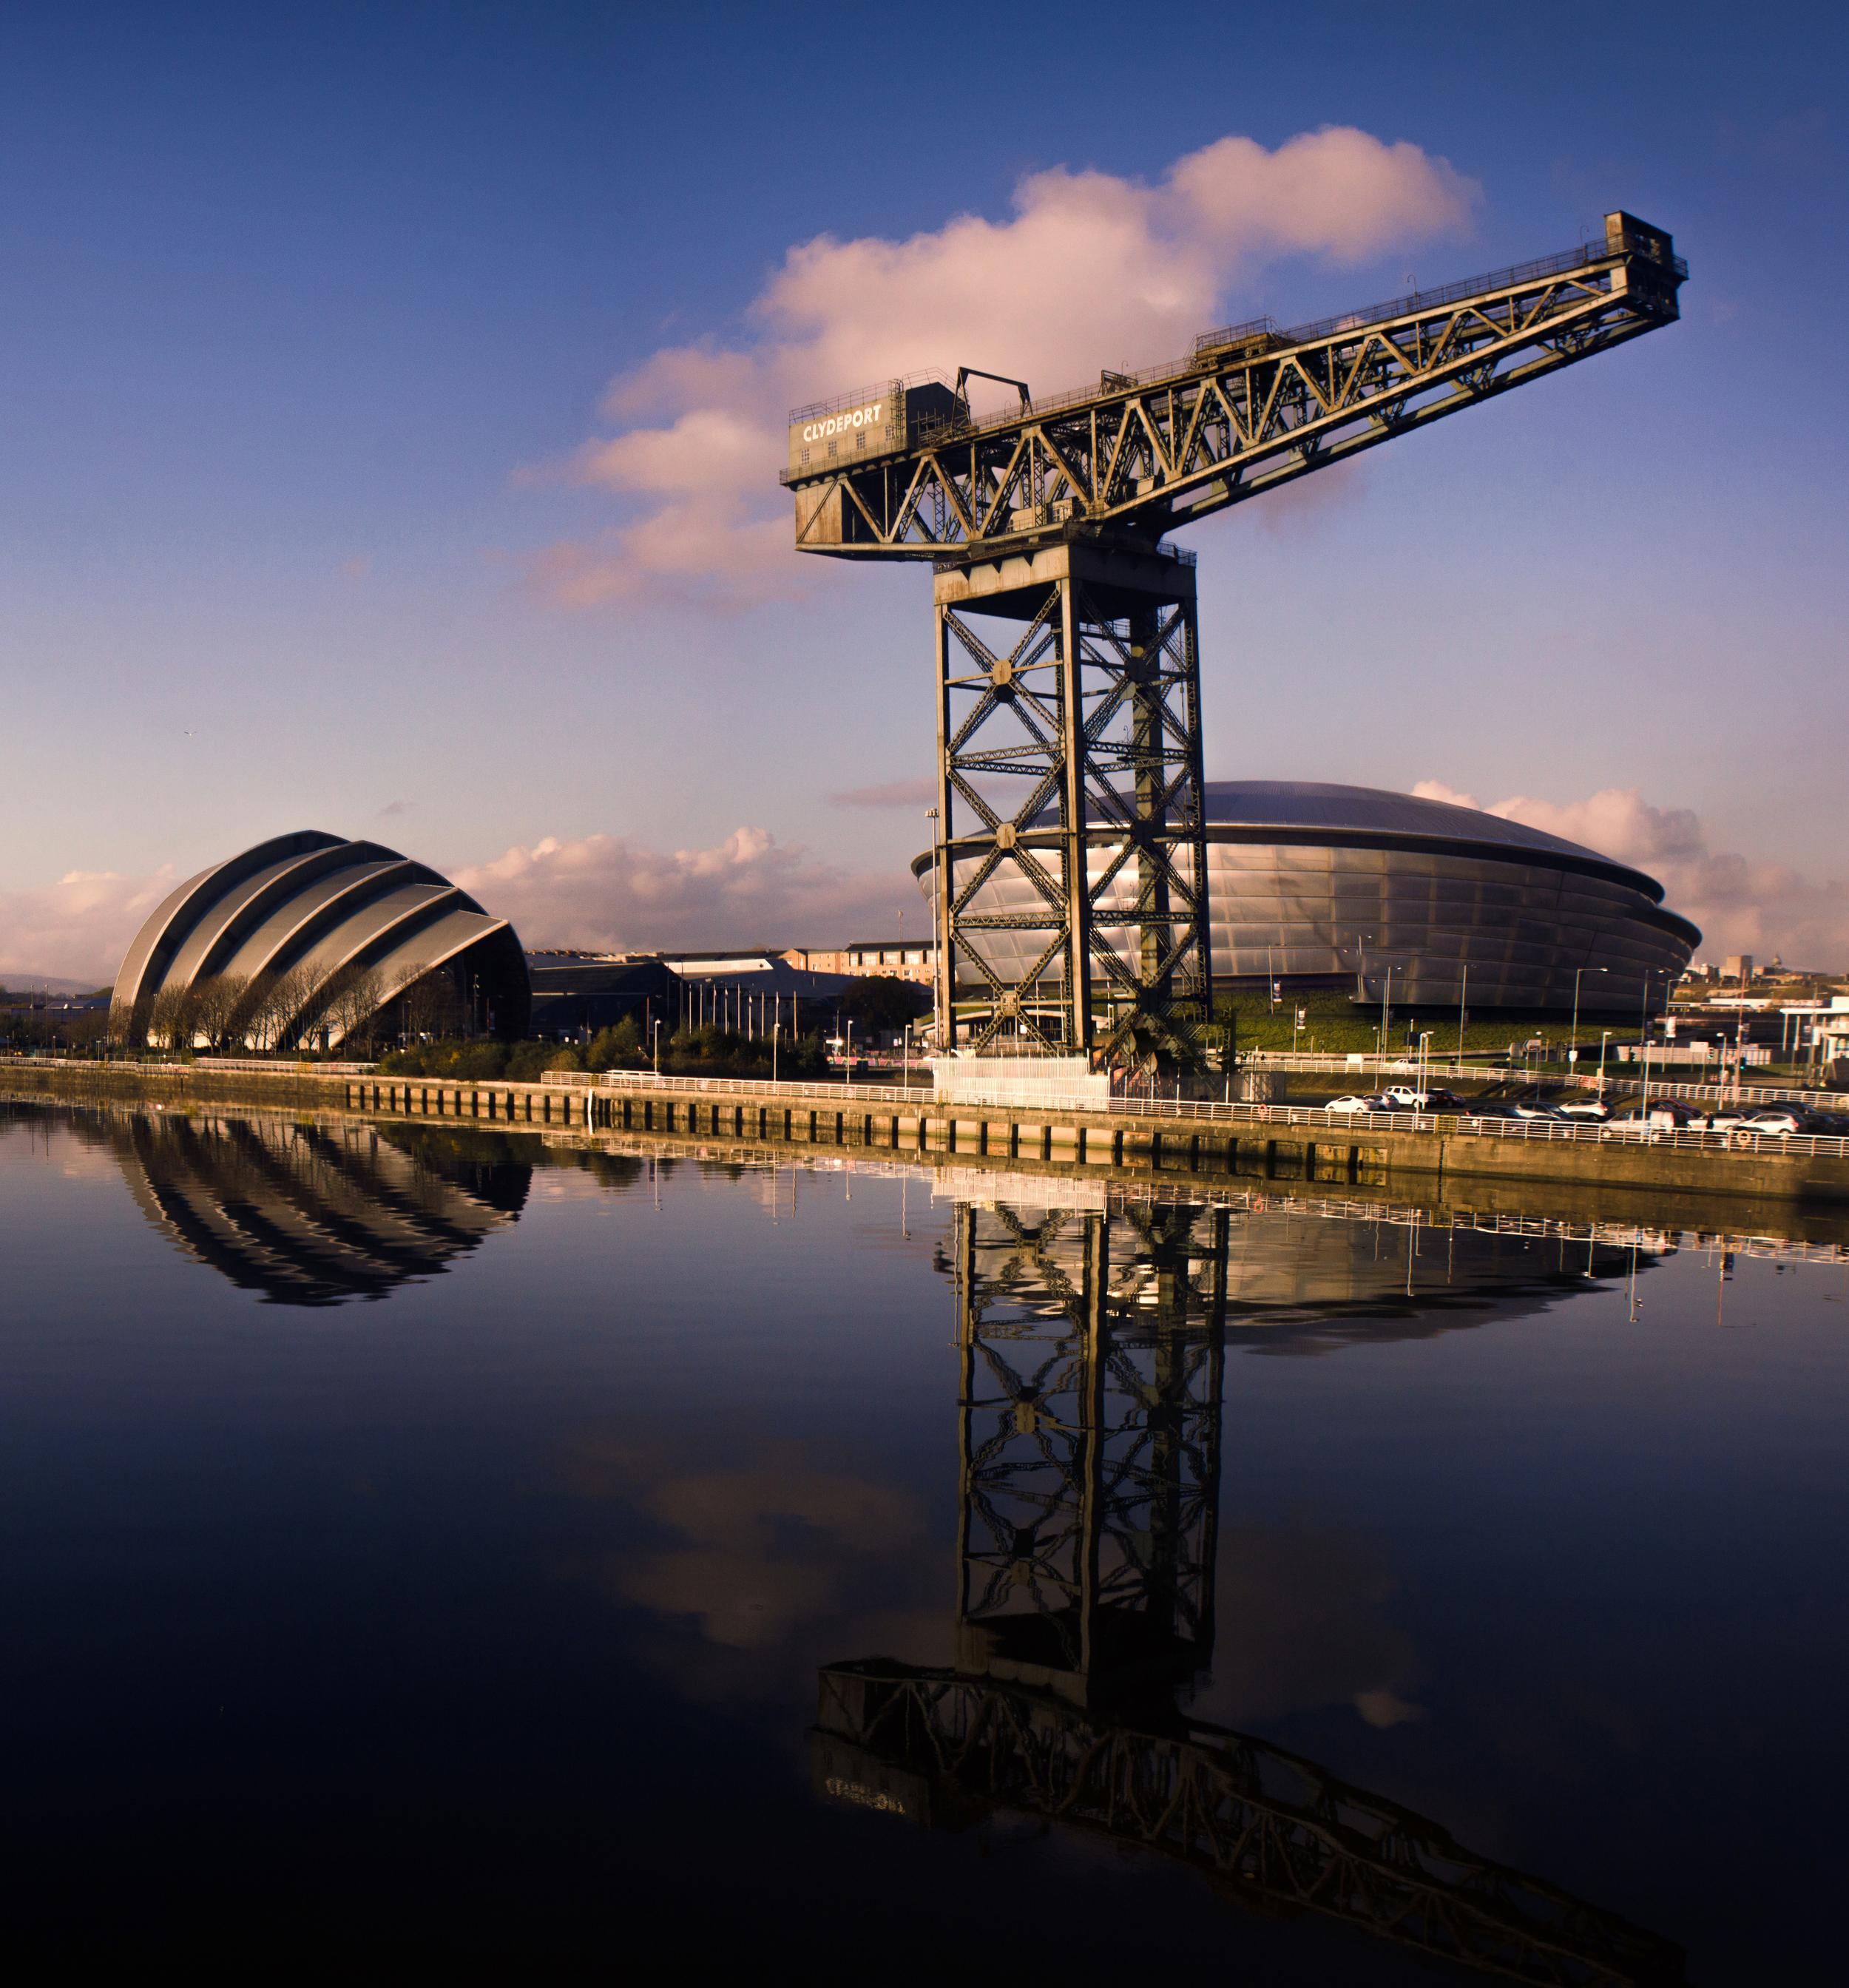 Glasgow, Scotland, United Kingdom, November 2014